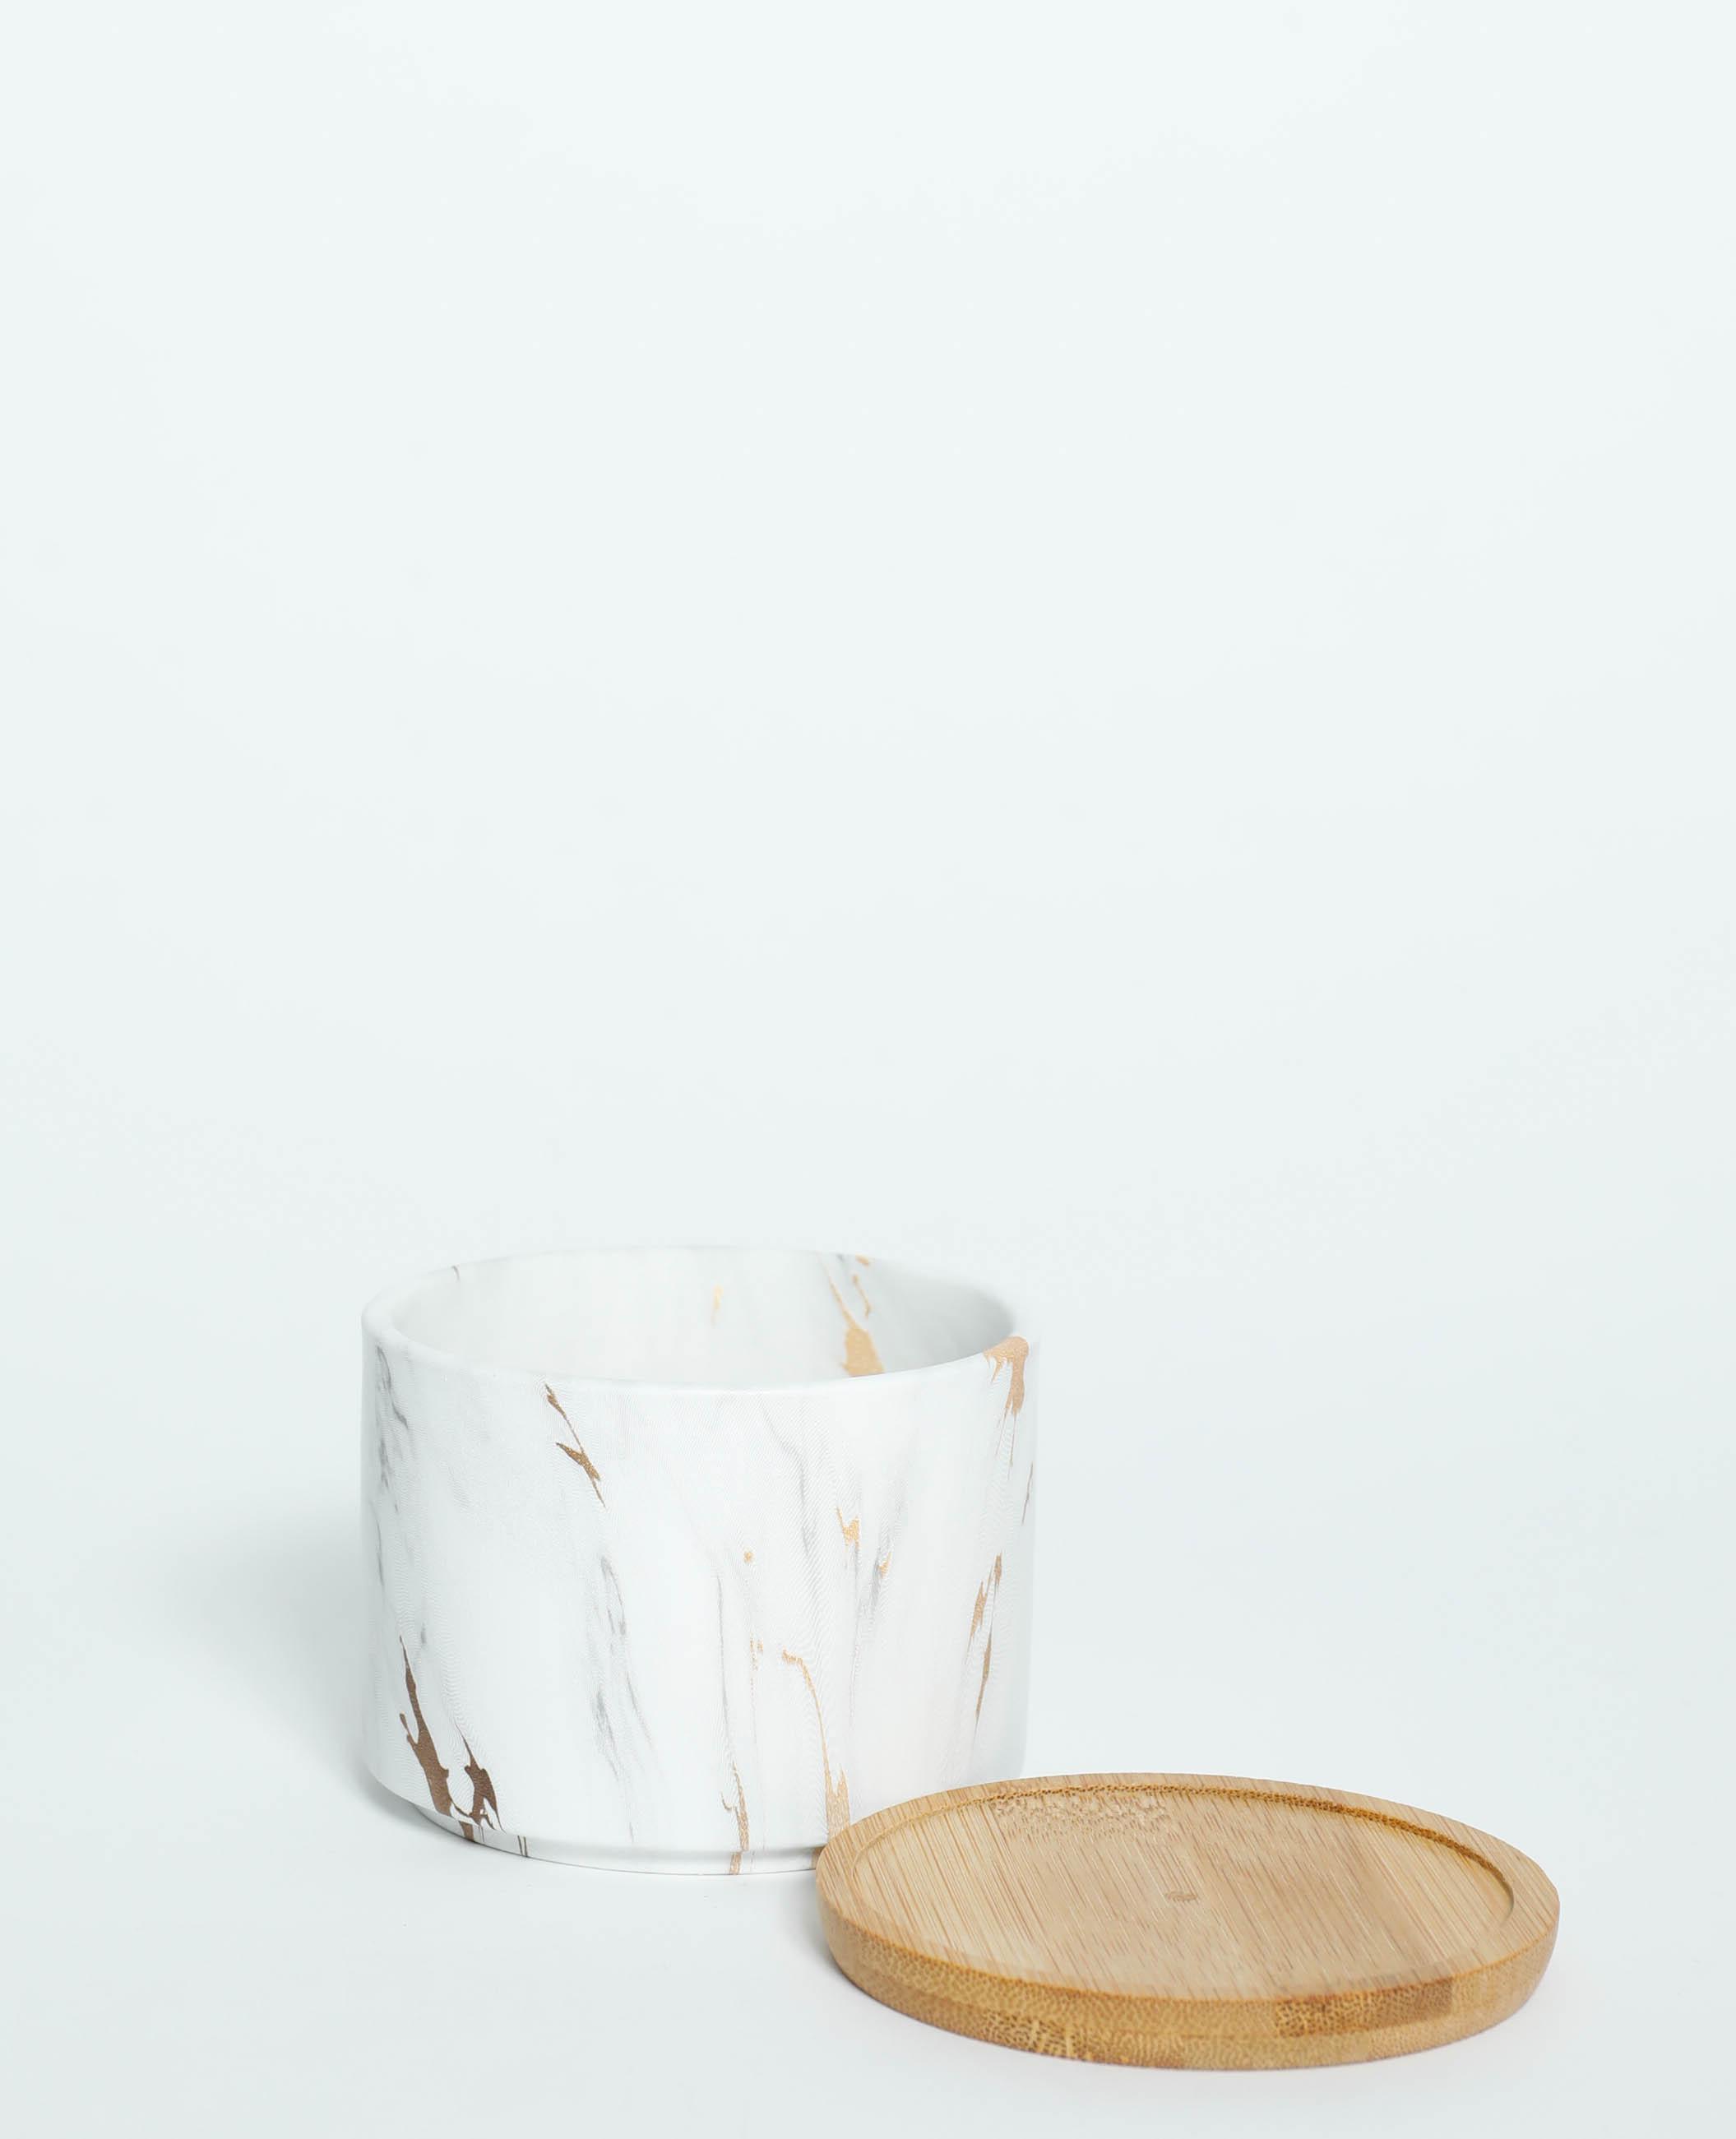 Pot marbré avec soucoupe bois blanc - Pimkie